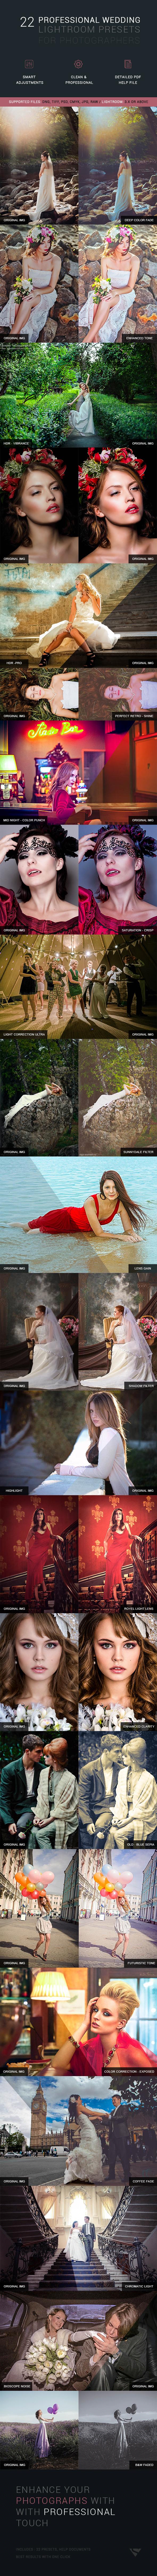 22 Professional Wedding Lightroom Presets - Wedding Lightroom Presets